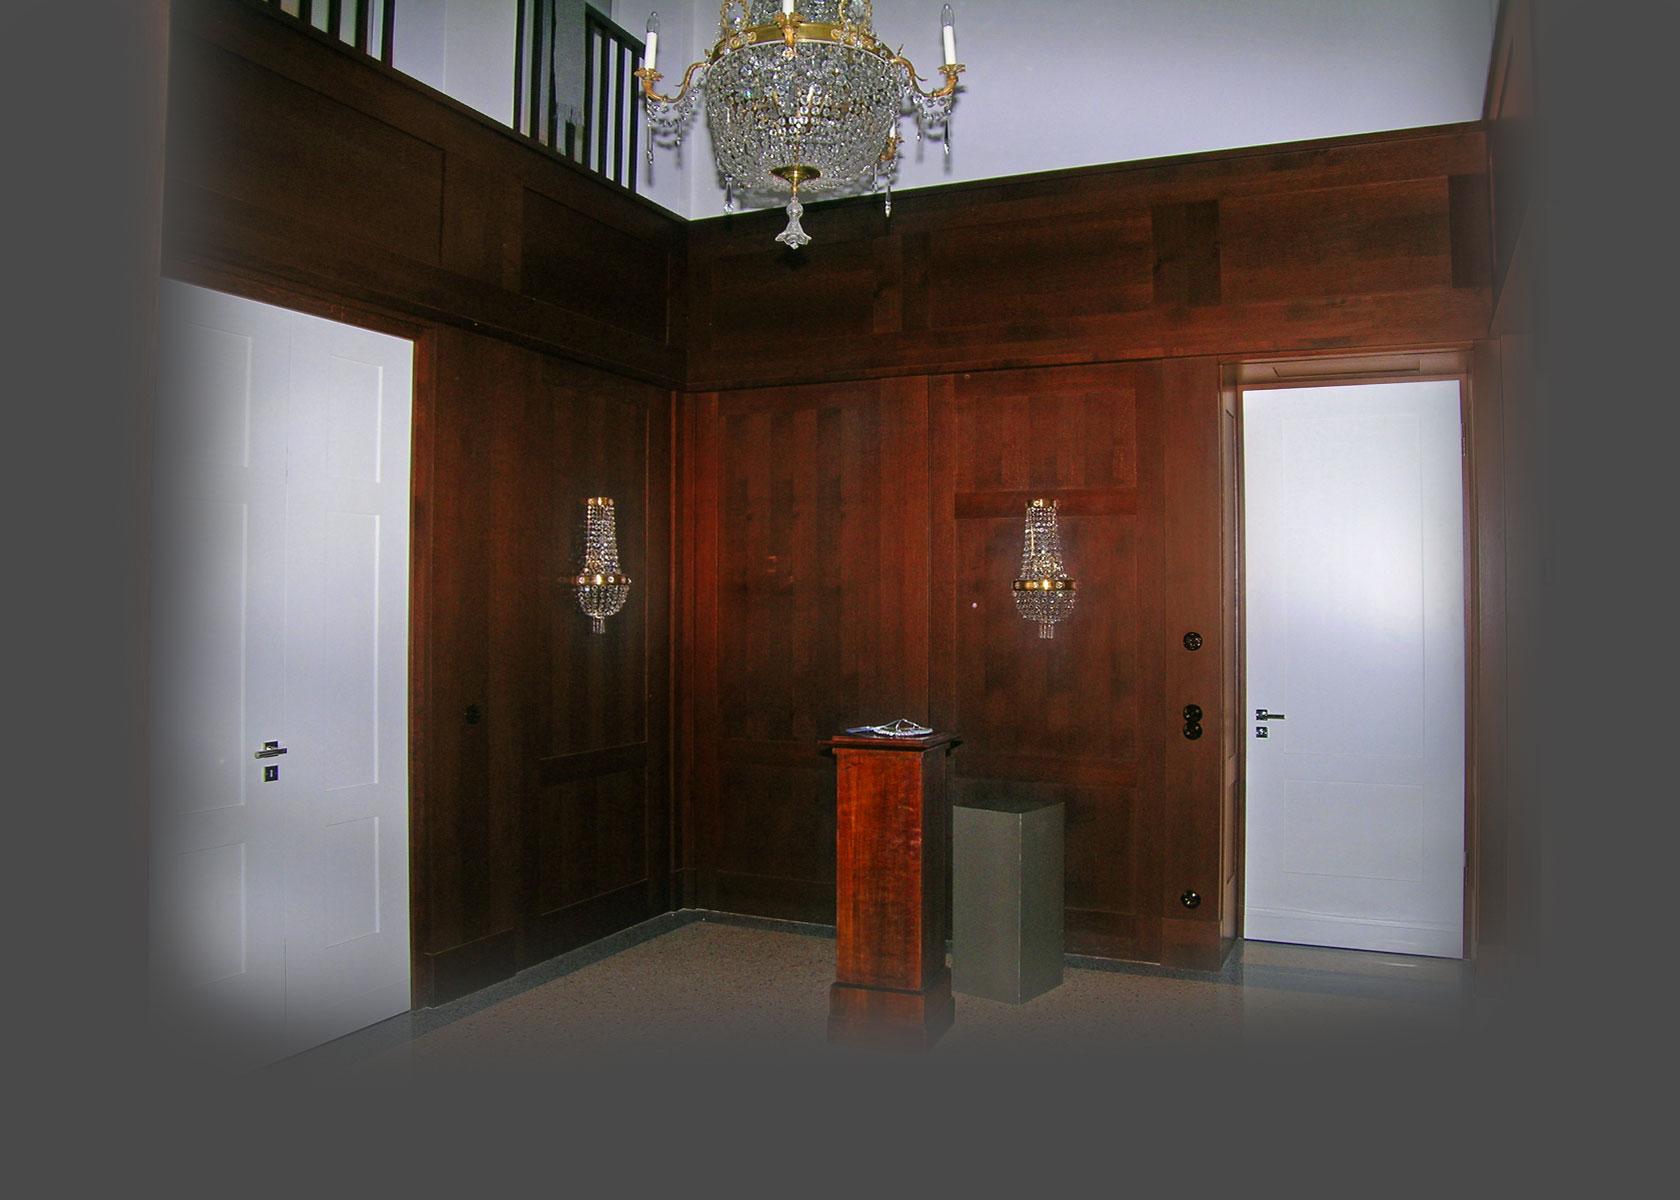 wandverkleidung mit türen, Wohnzimmer